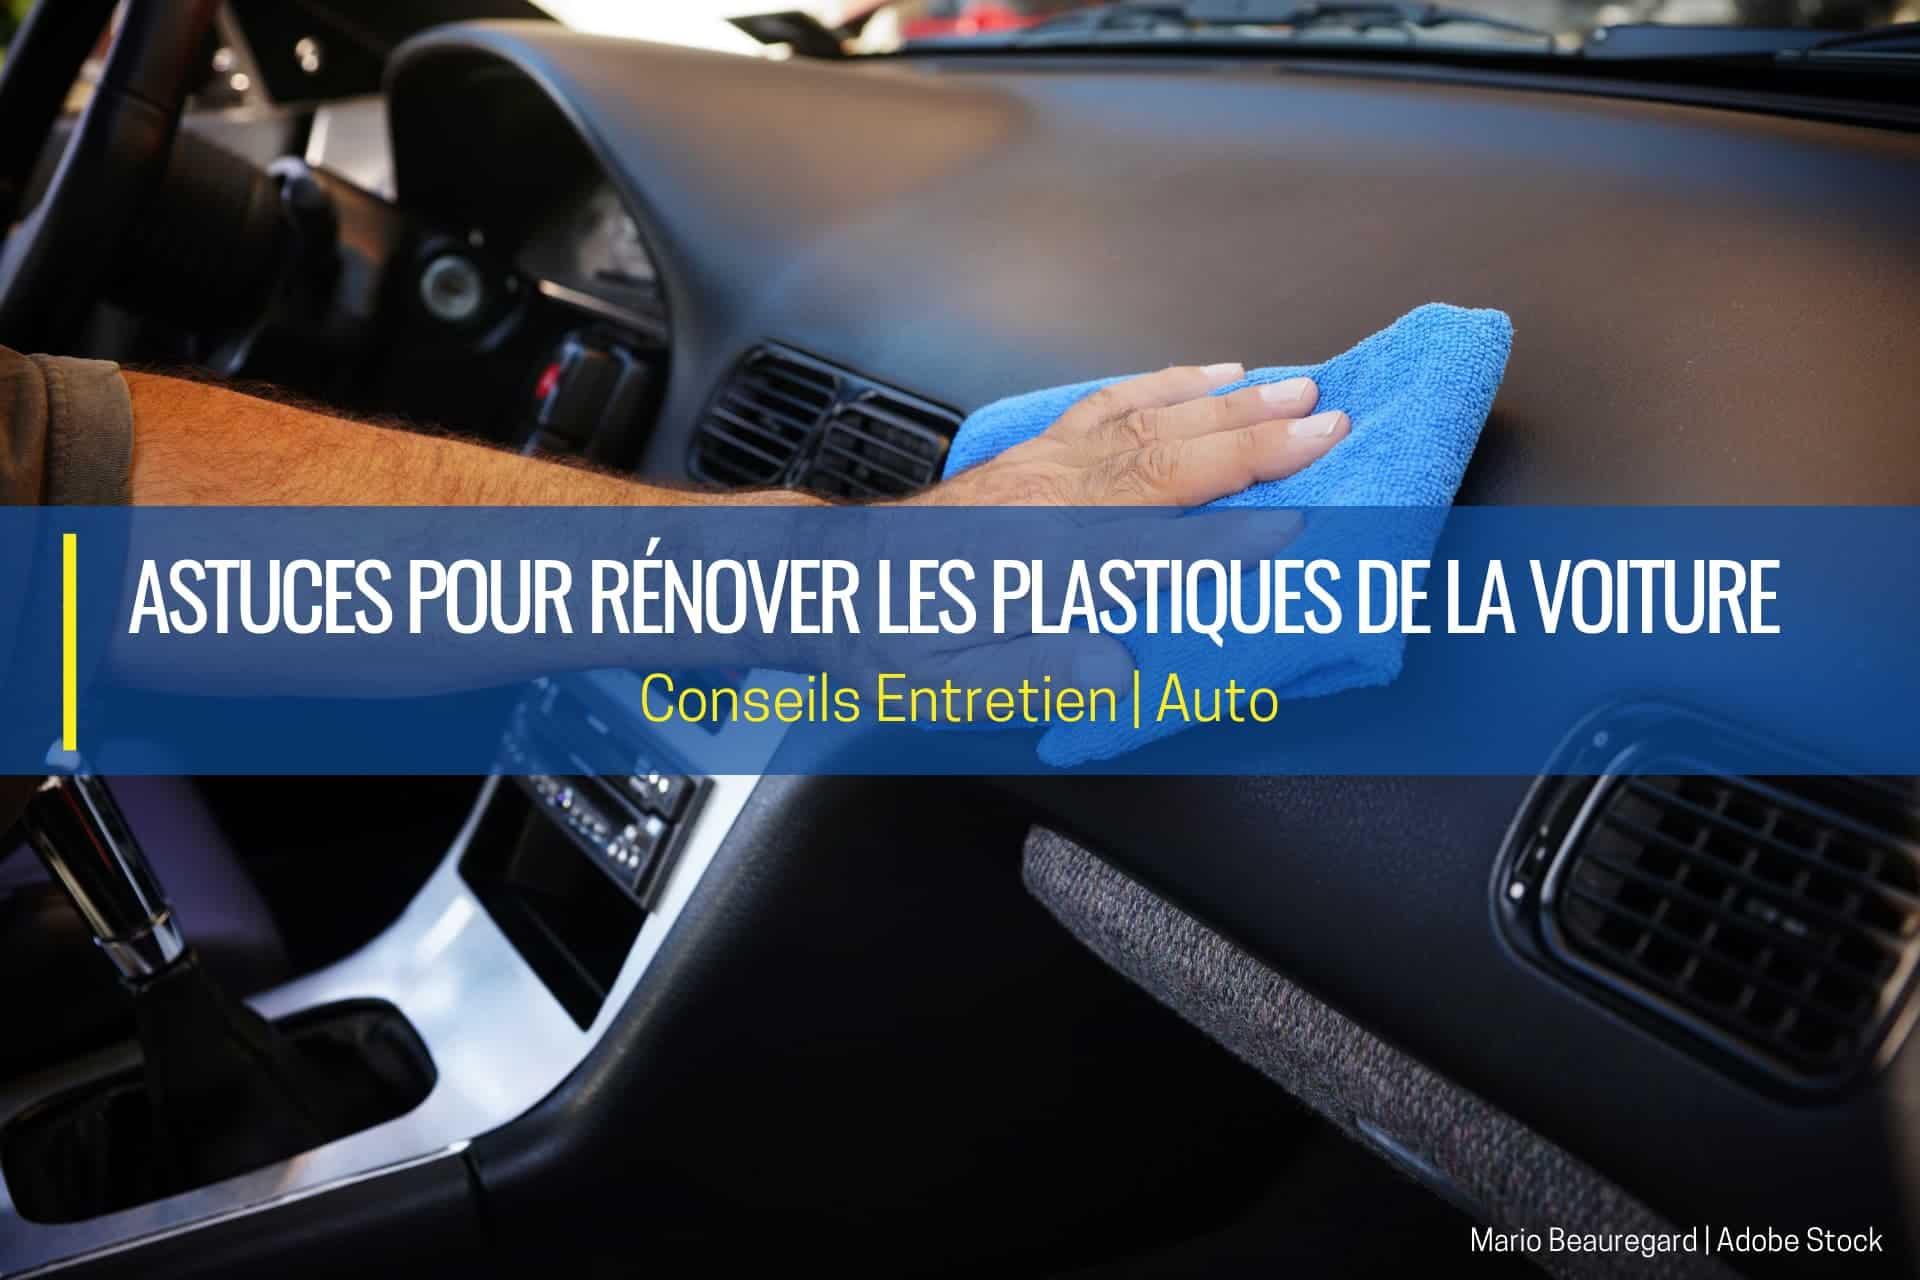 rénover les plastiques de la voiture